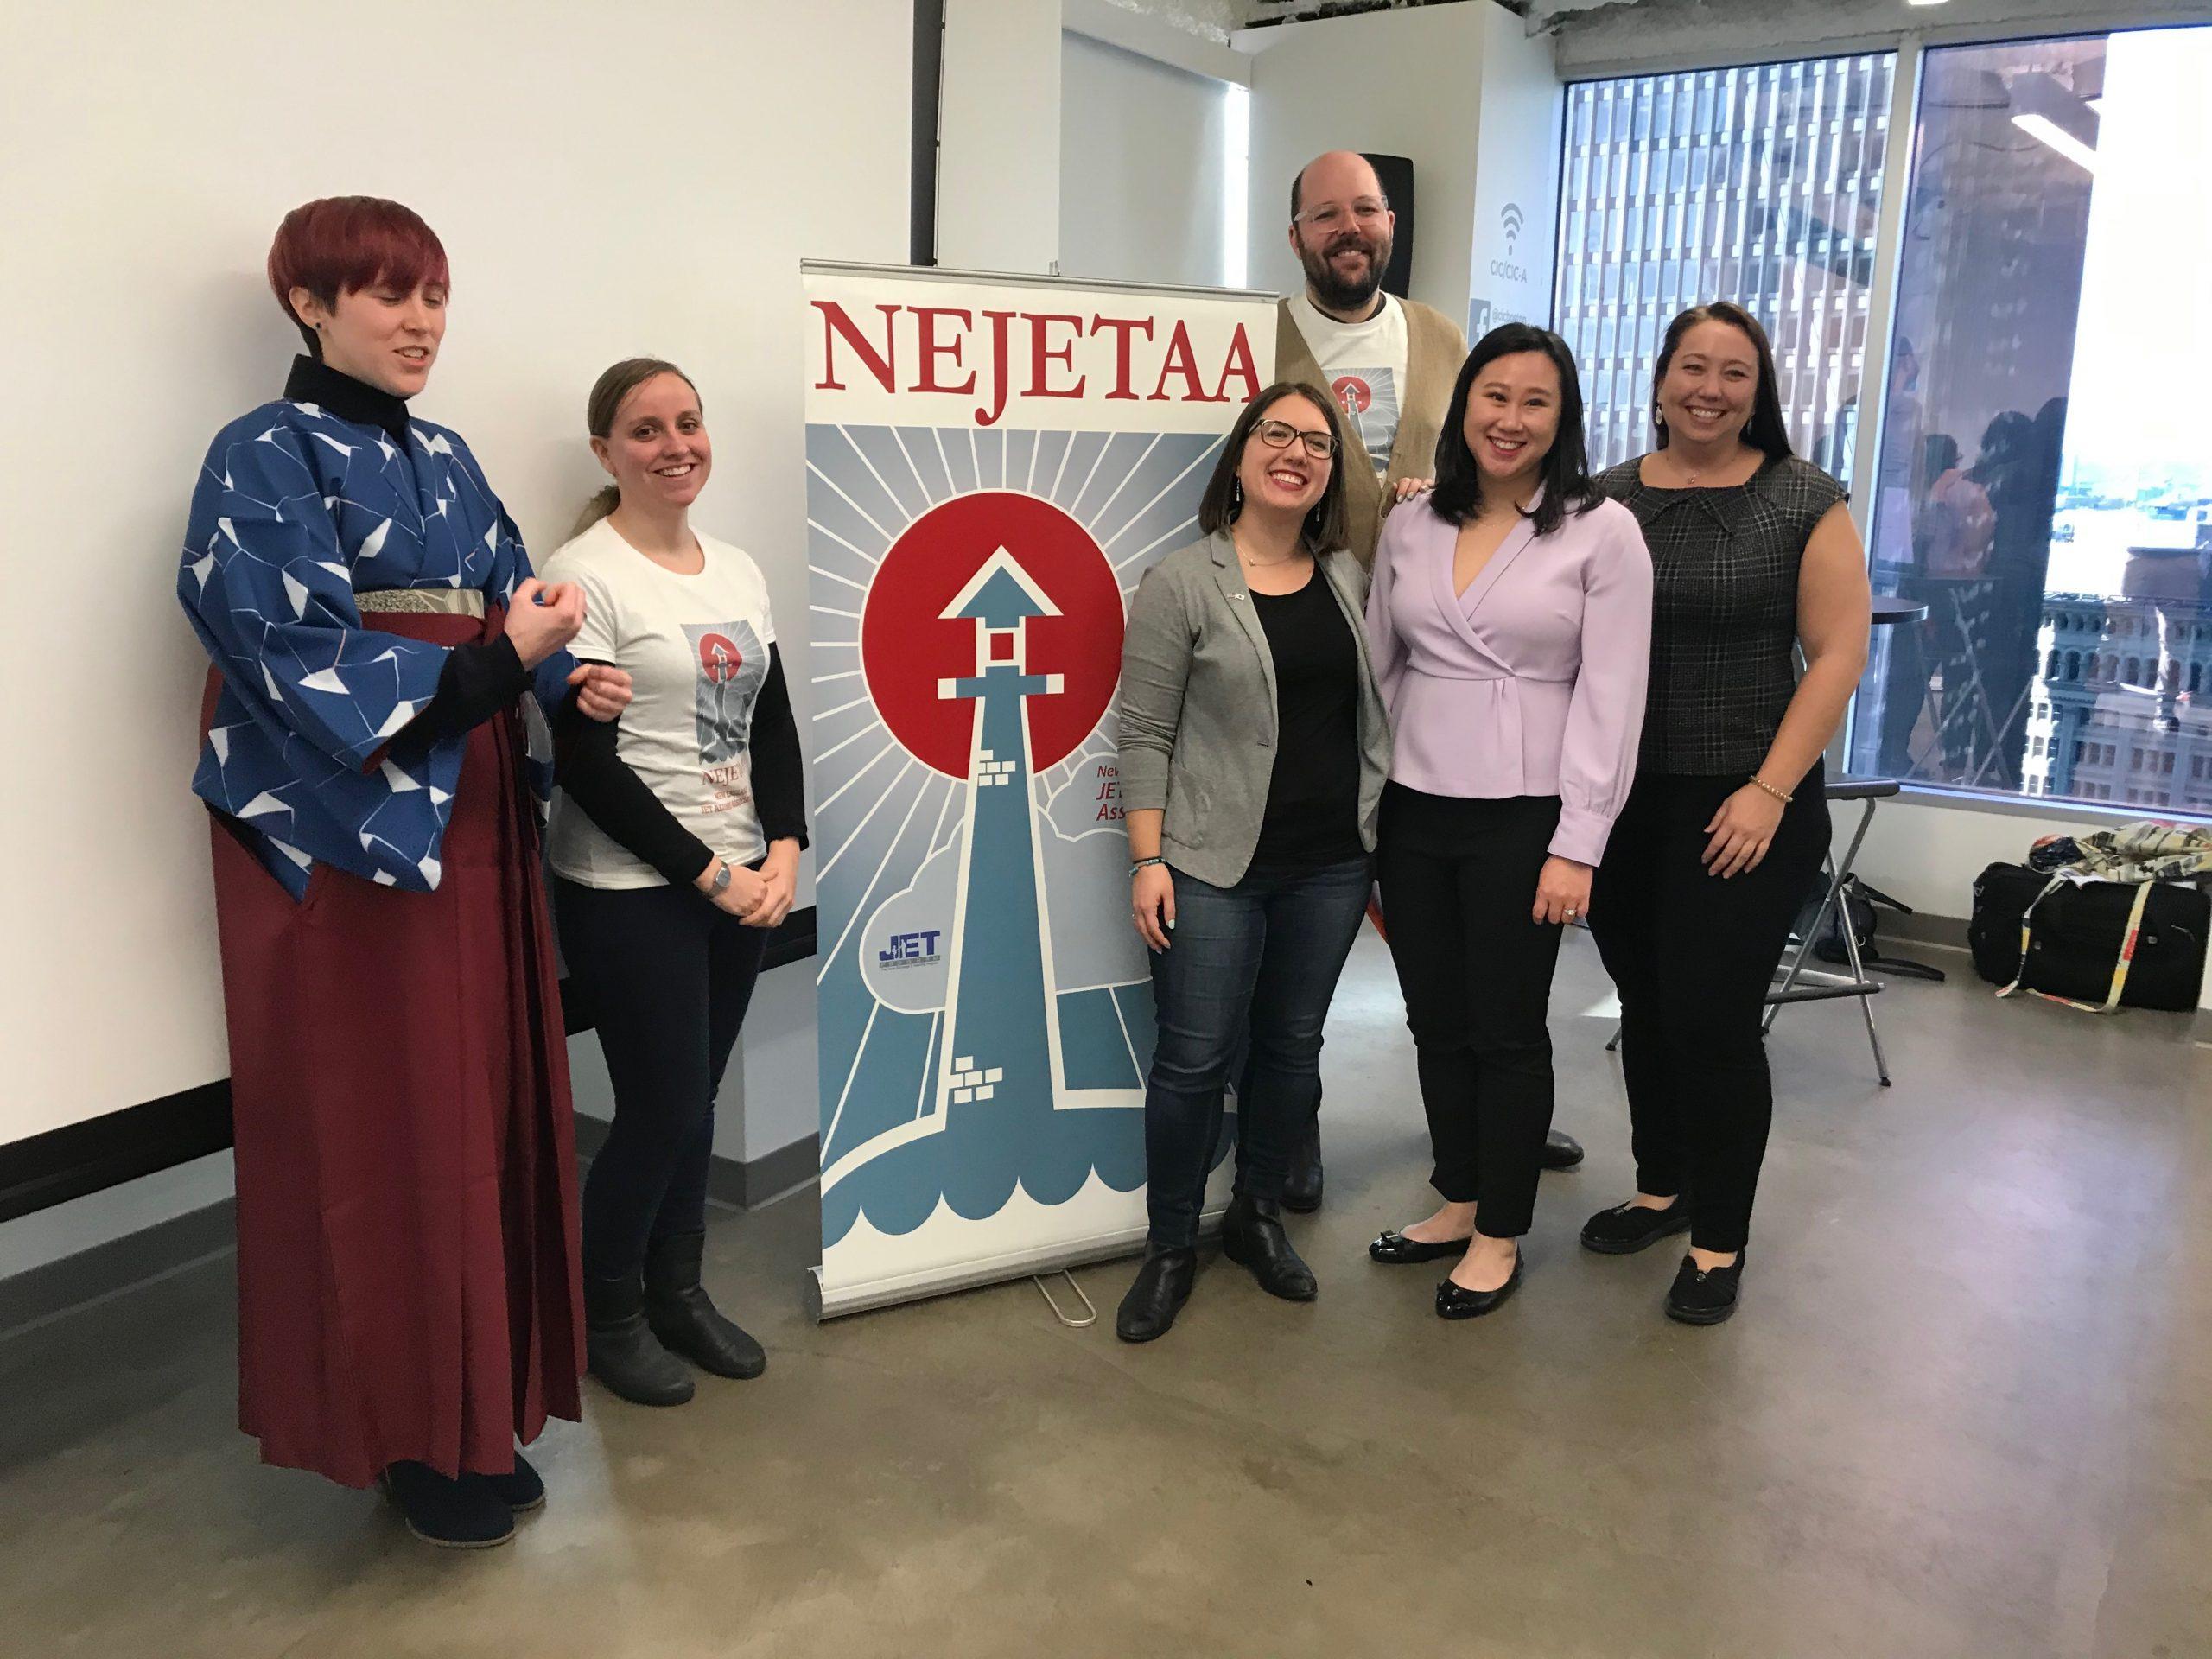 NEJETAA Board Members